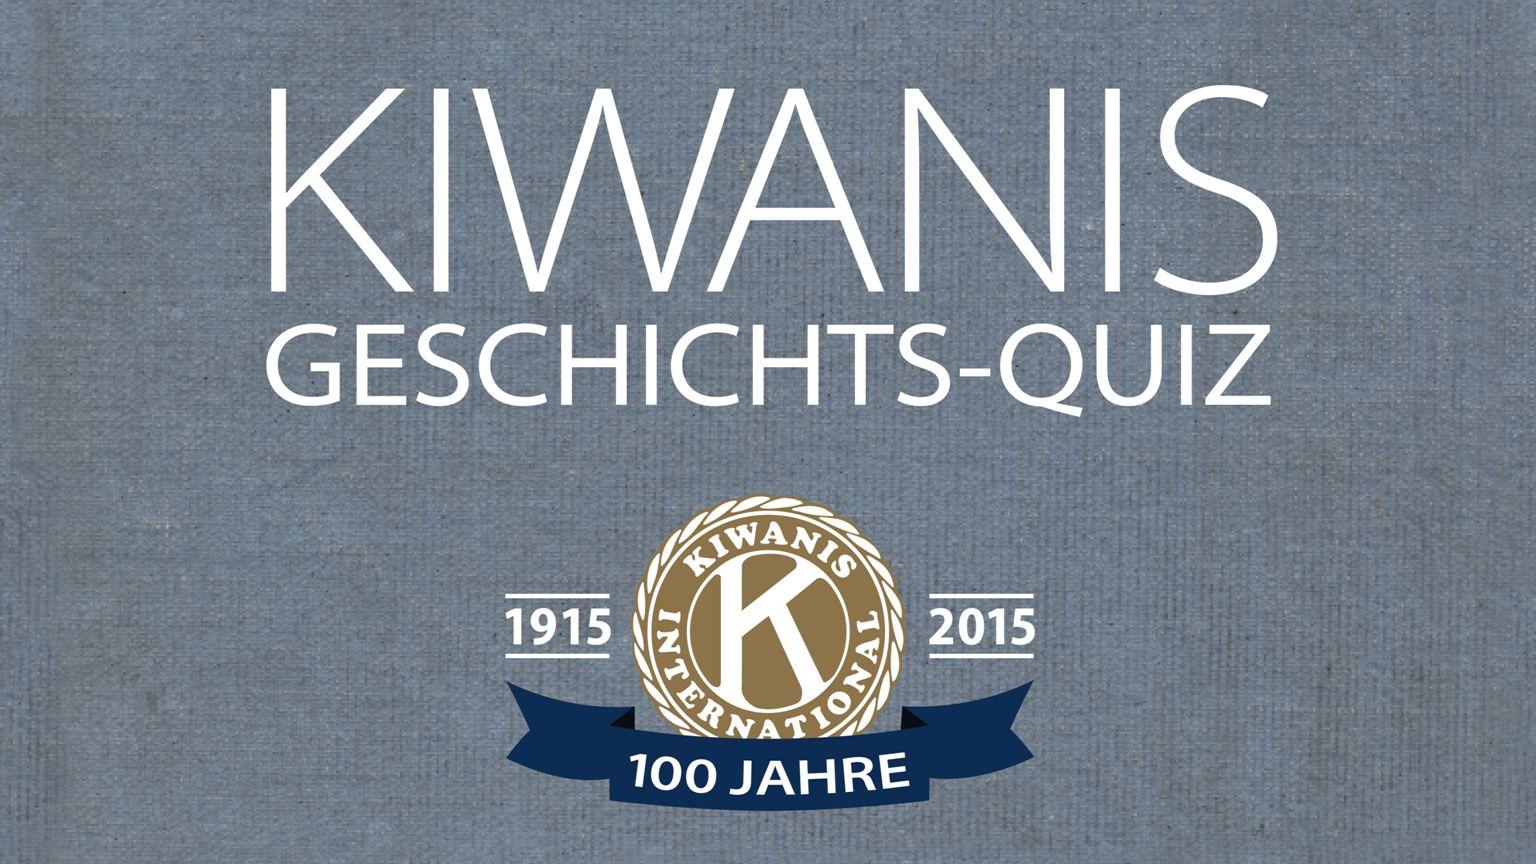 Der erste Kiwanis Club wurde am 21.Januar 1915 in Detroit gegründet.